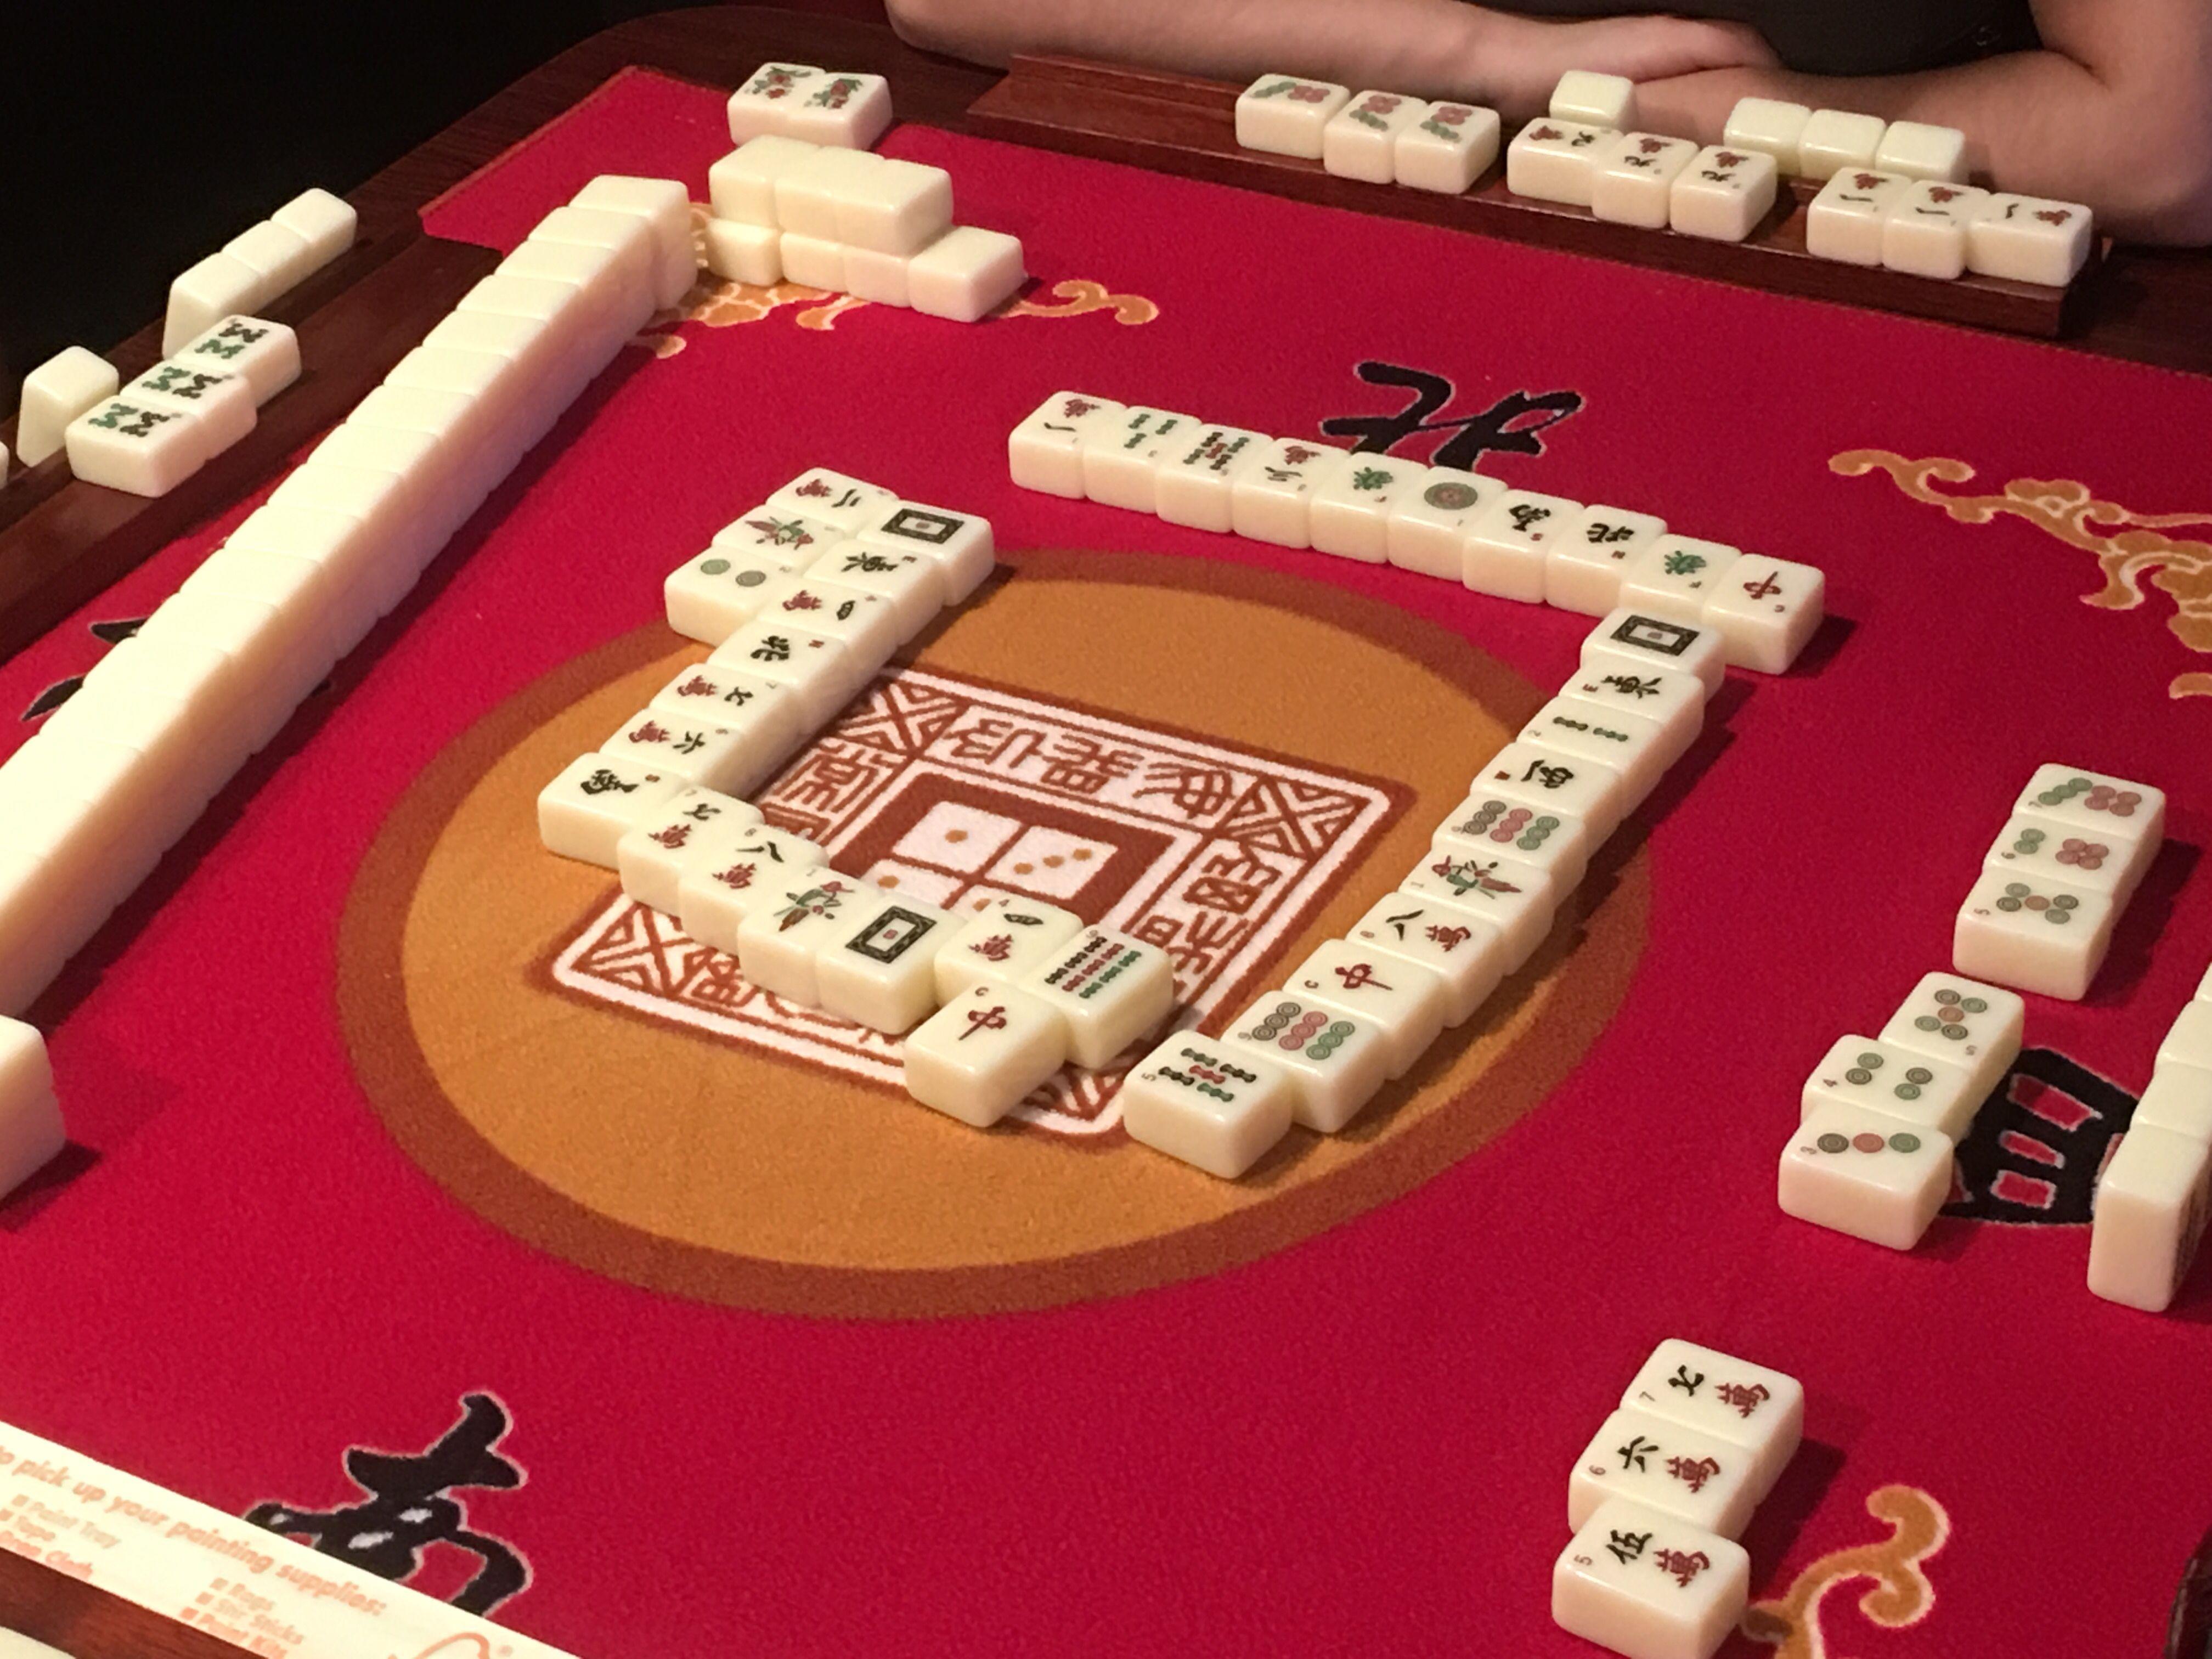 DFW Mahjong group